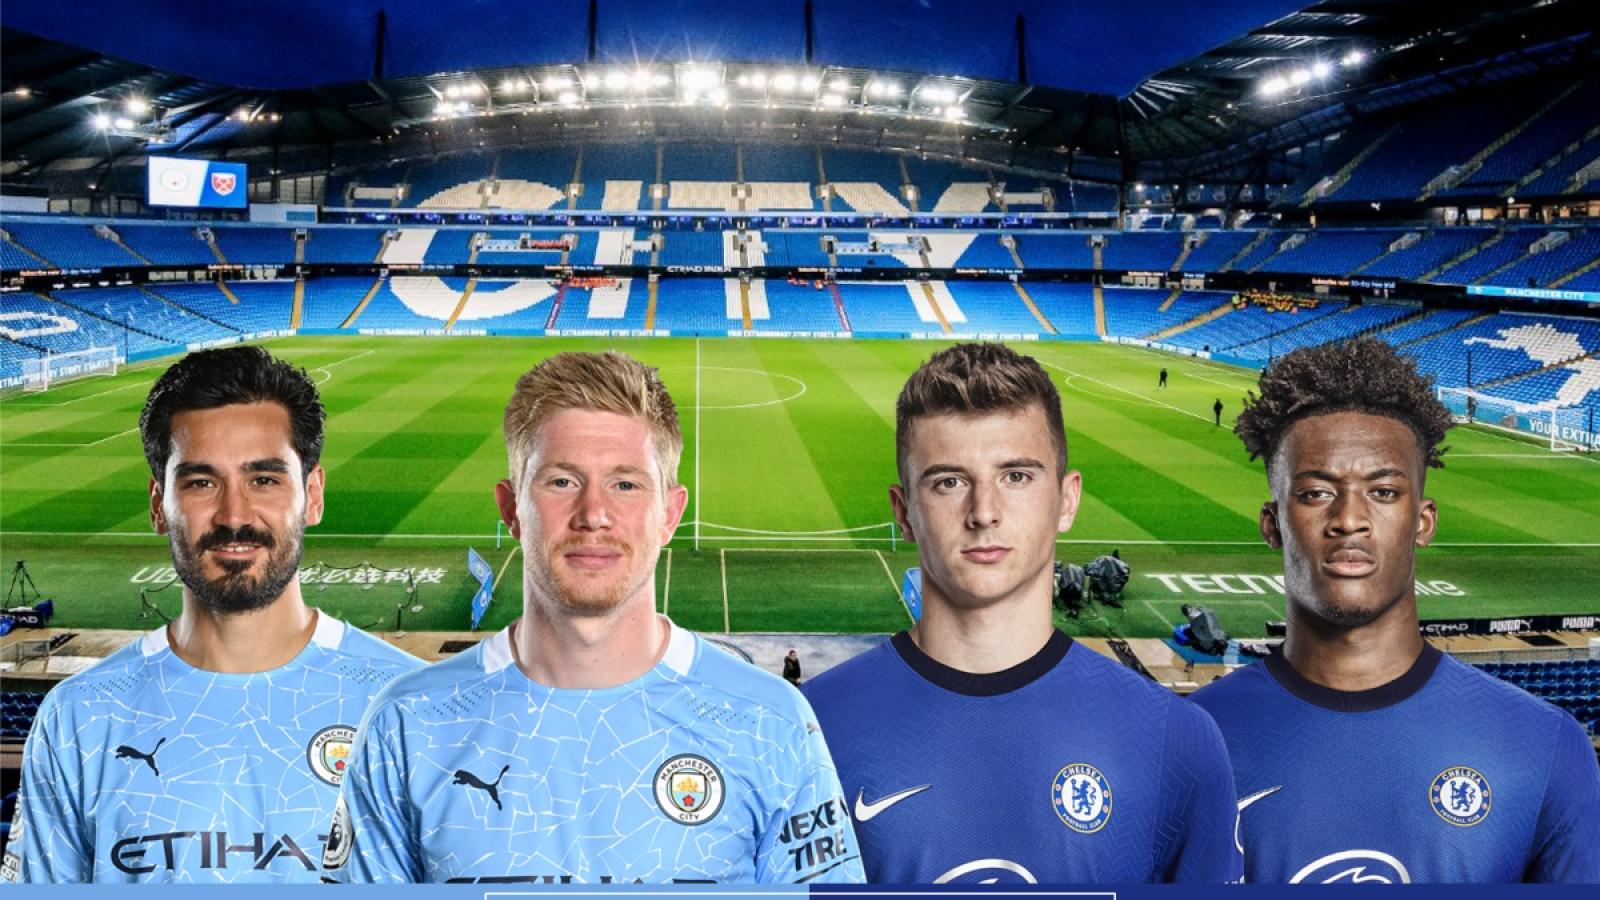 """TRỰC TIẾP Man City - Chelsea: """"Xé nháp"""" chung kết Champions League để đăng quang?"""